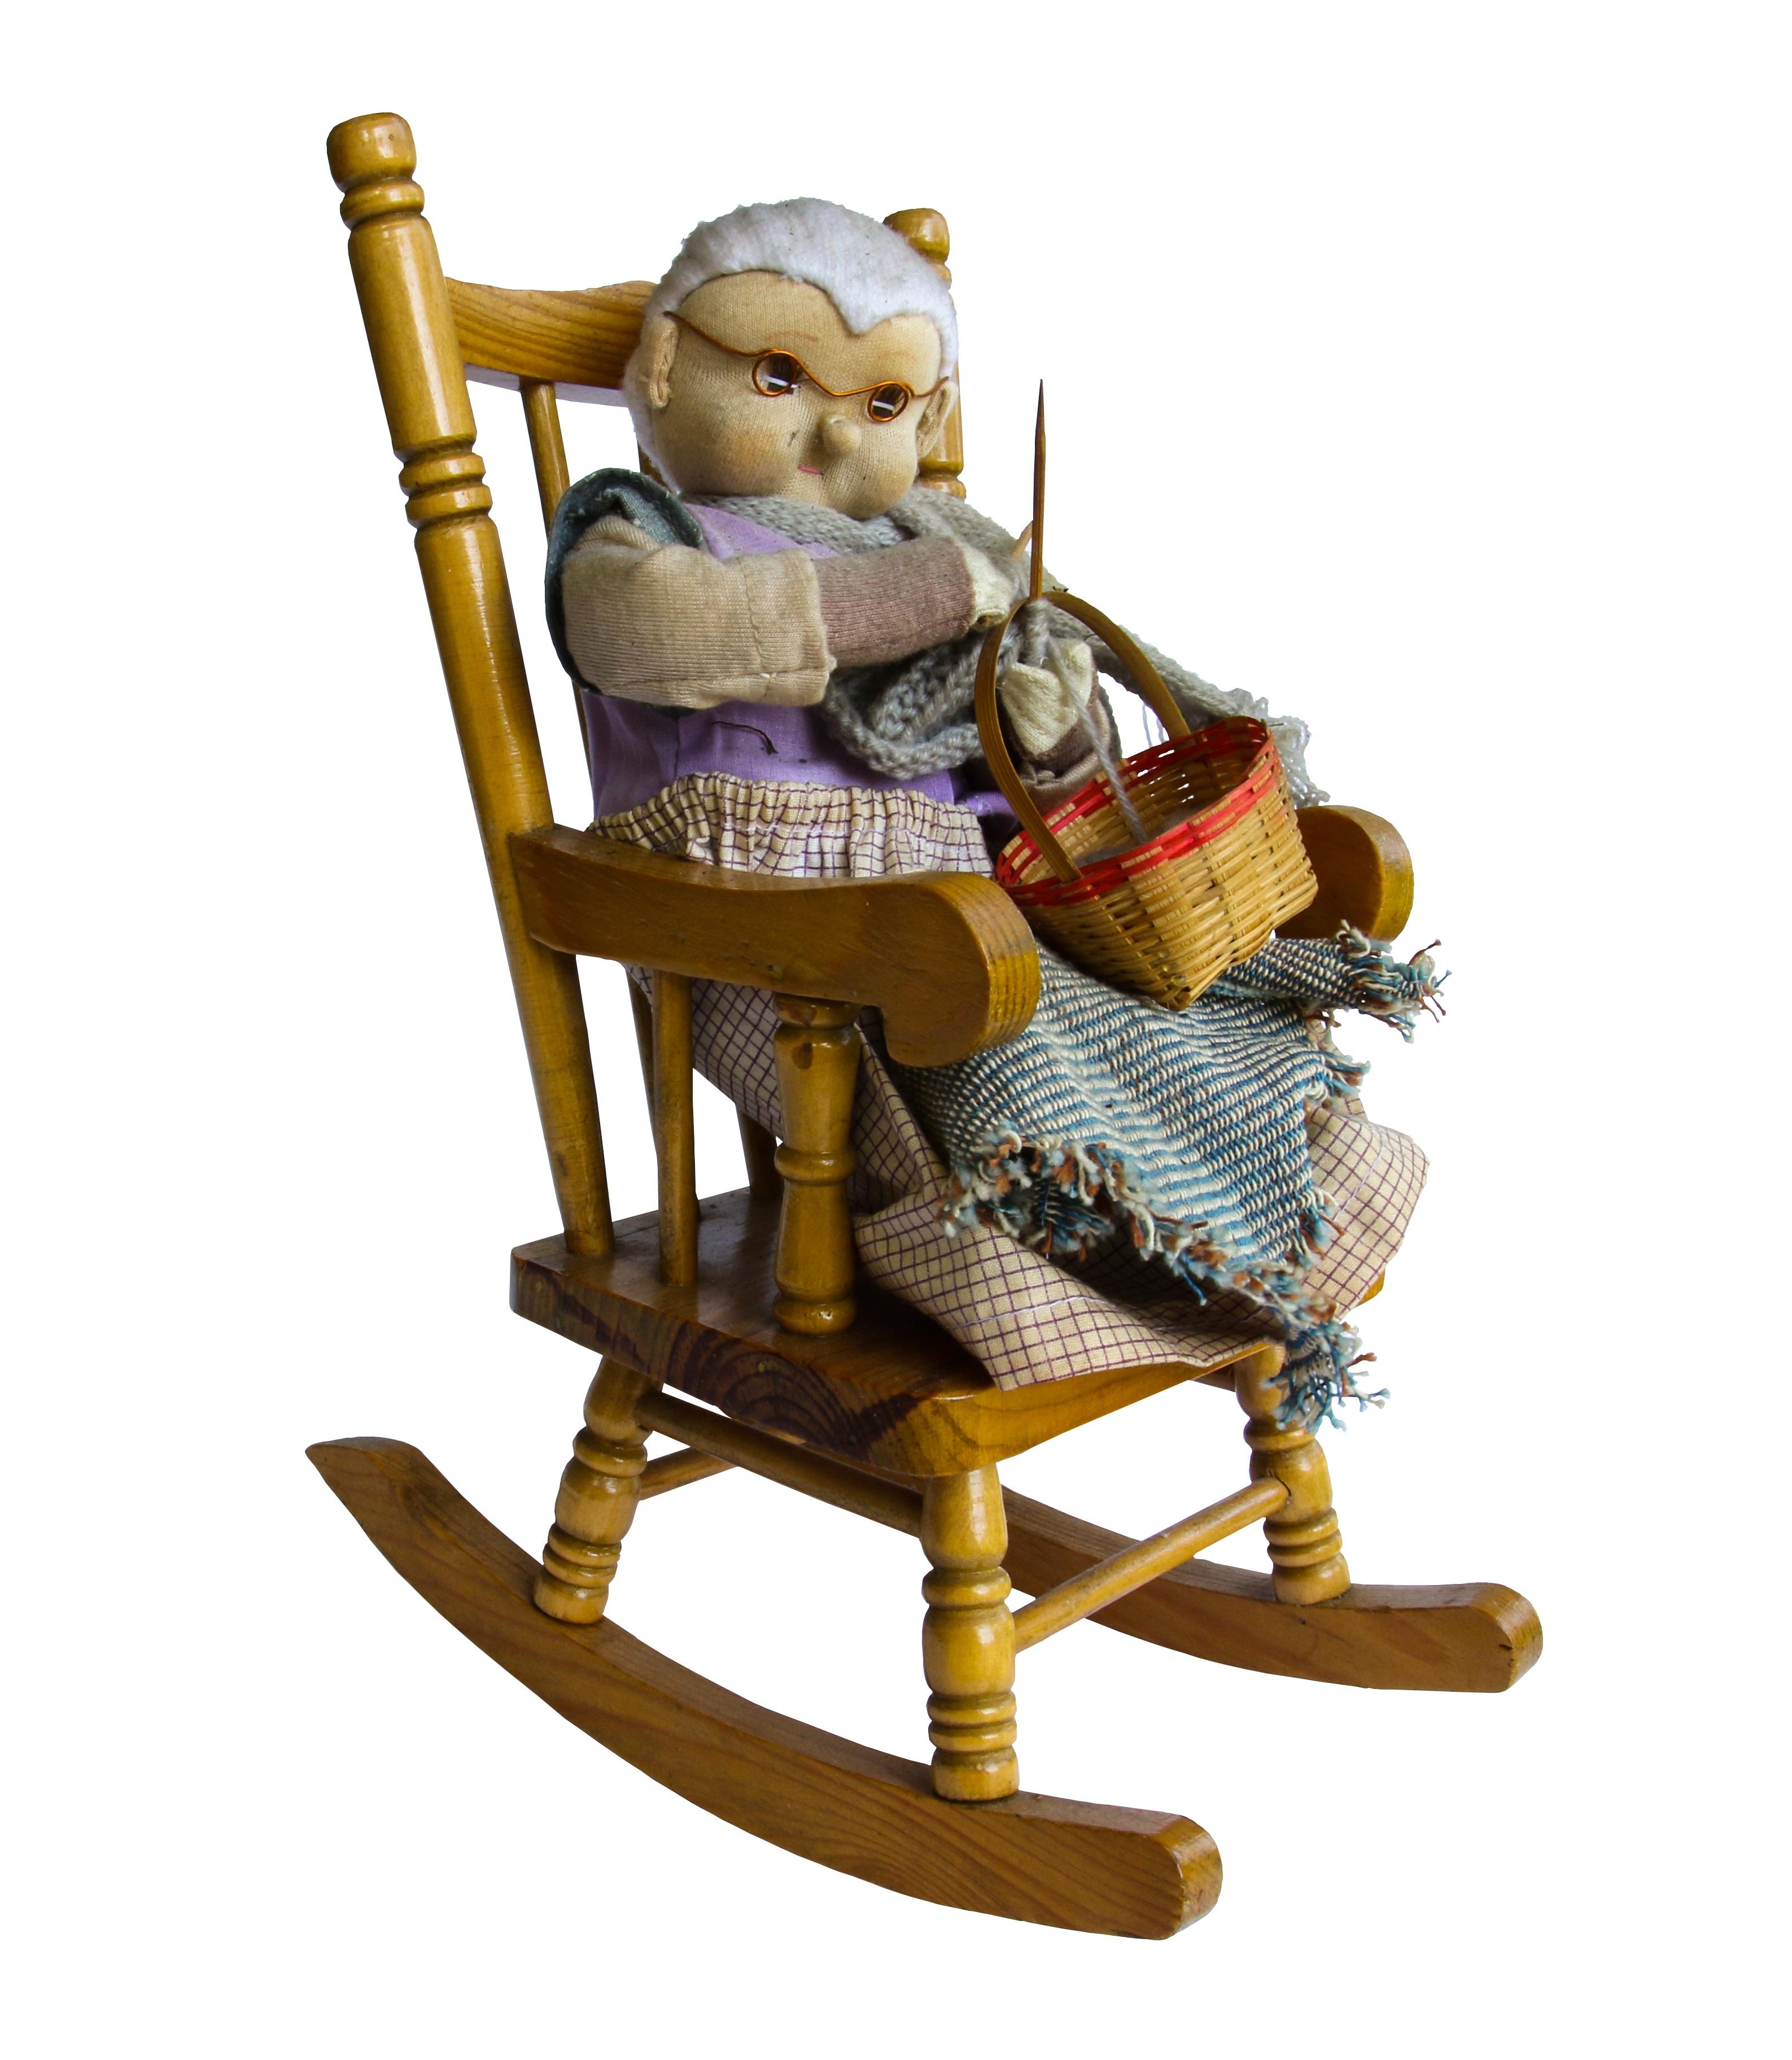 Kostenlose foto : Karte, spielen, Sessel, Fahrzeug, Sitzung, Möbel ...